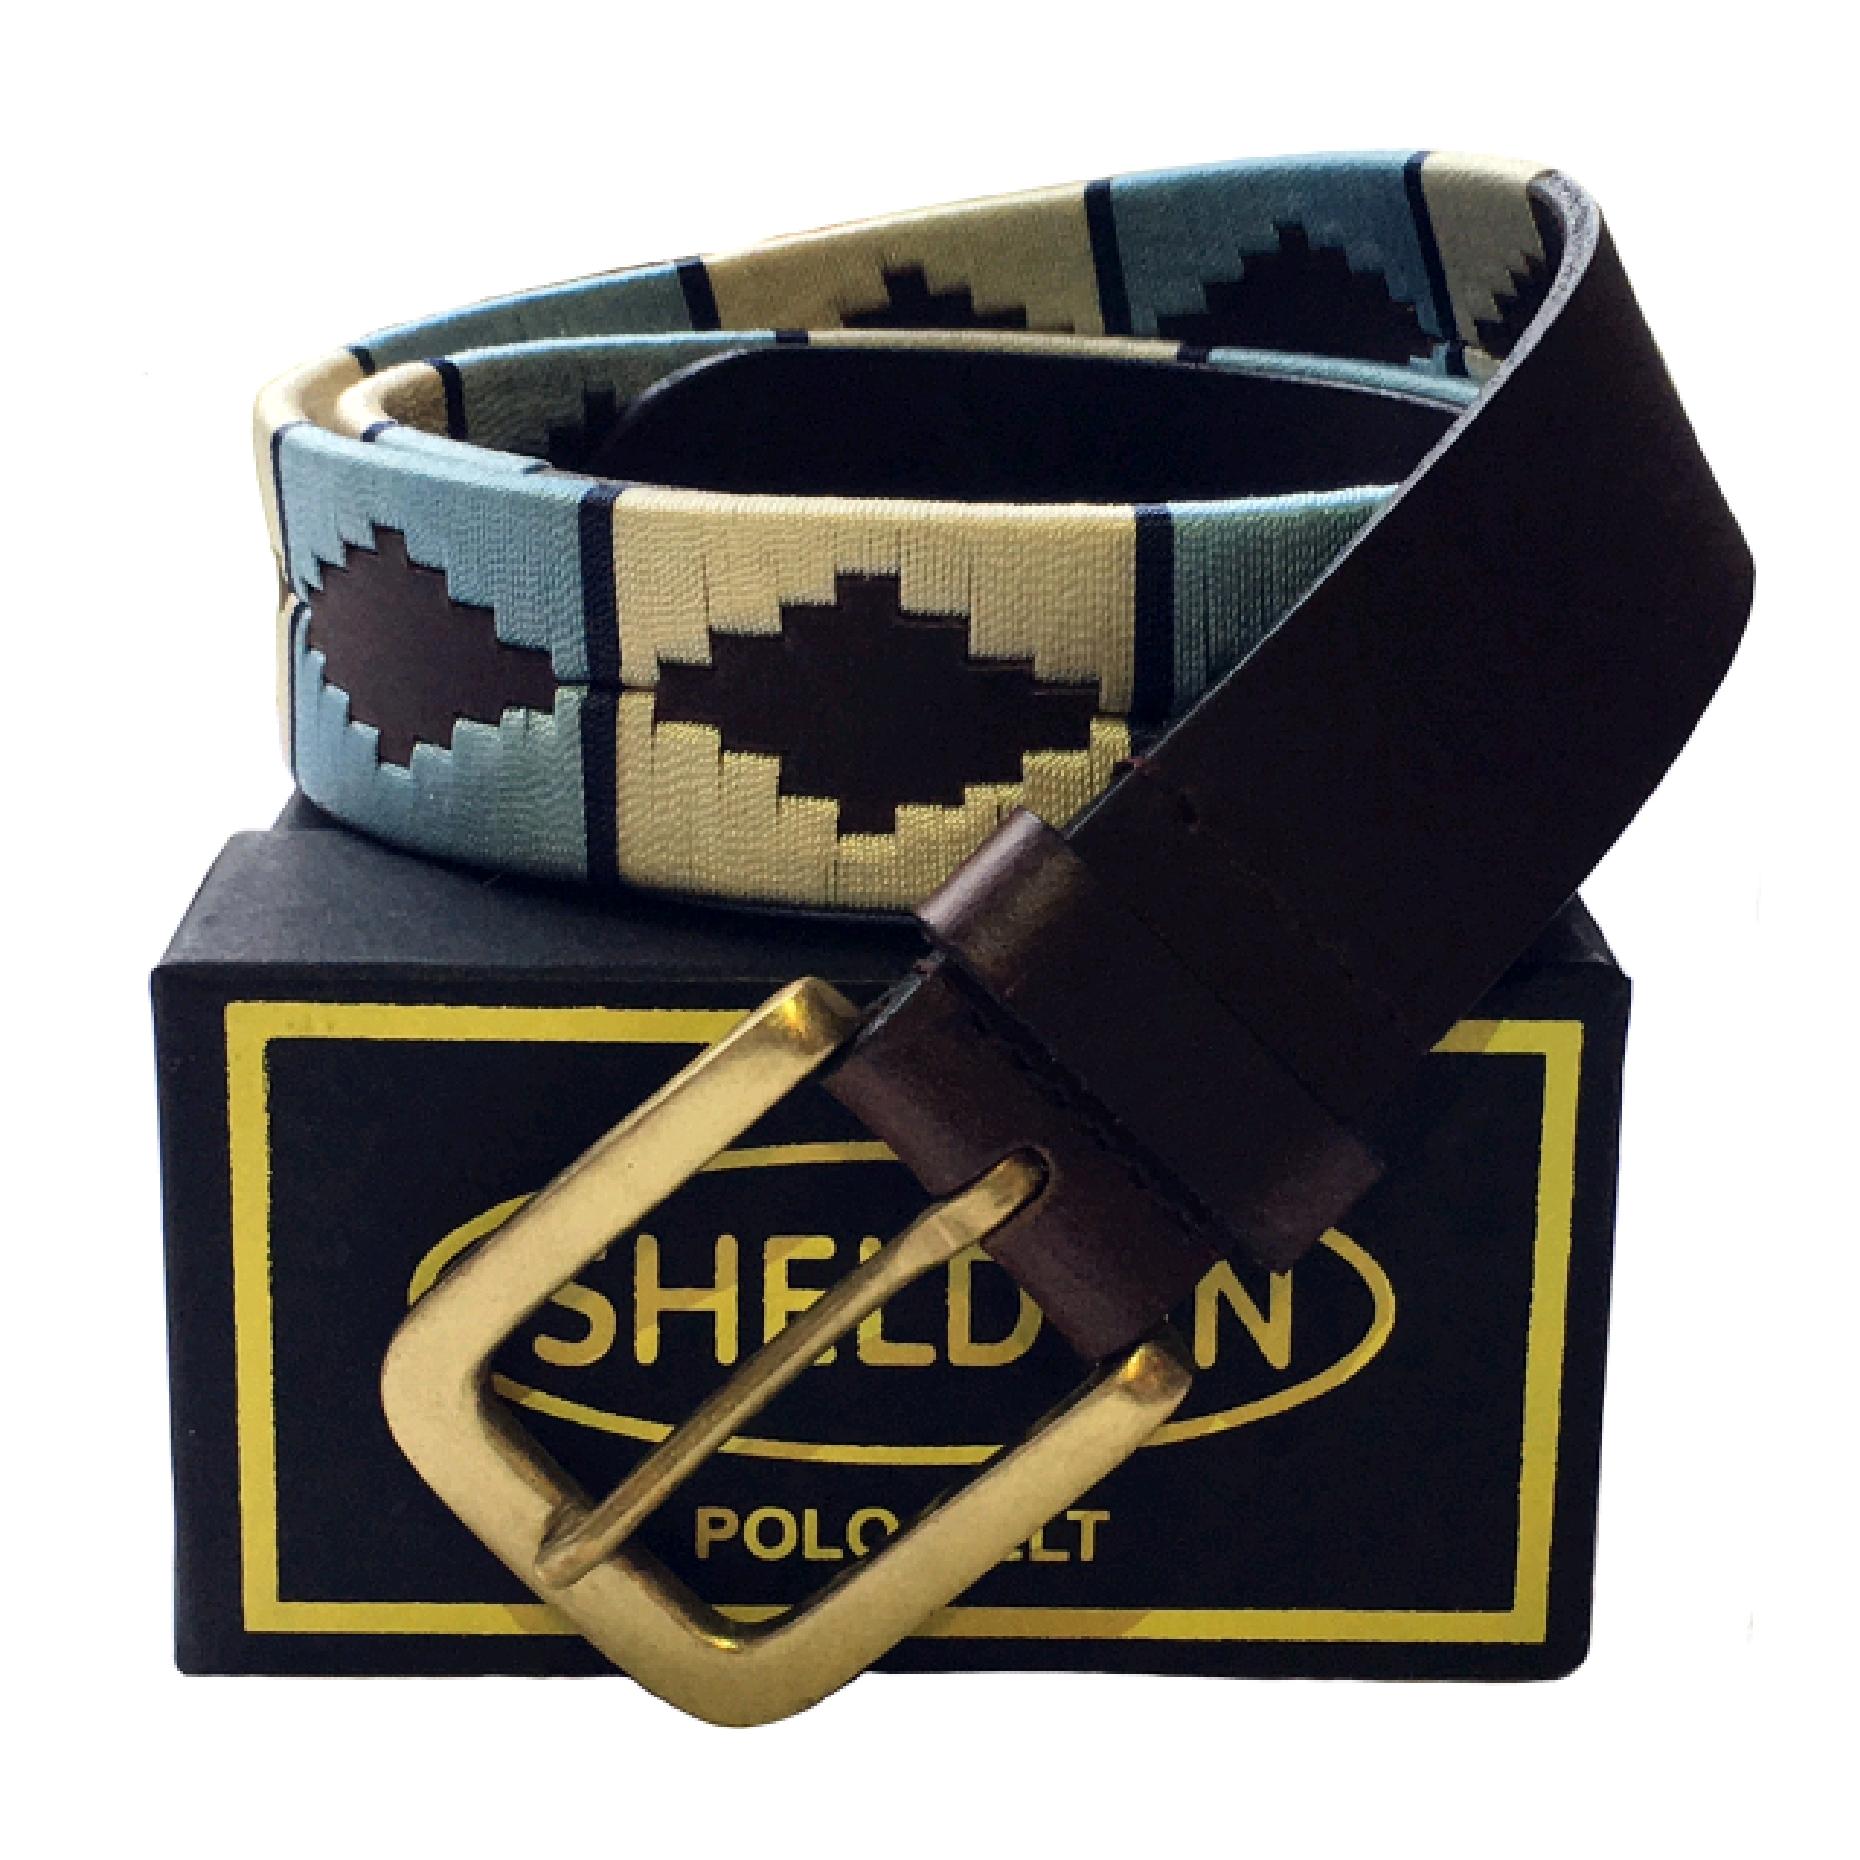 Sheldon Polo Belt